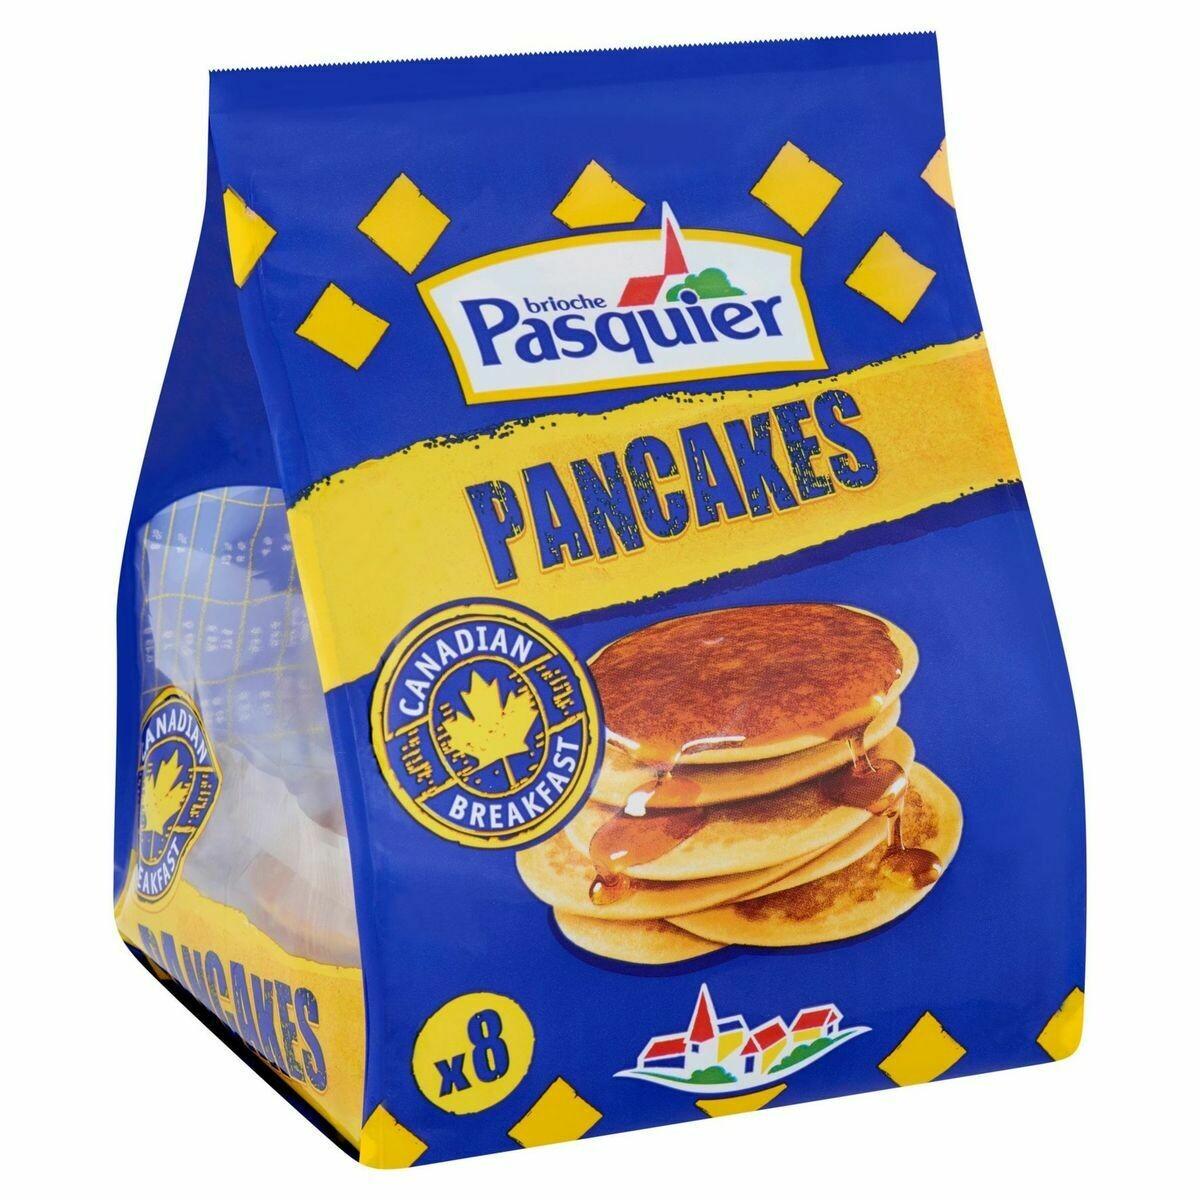 8 Pancakes Pasquier